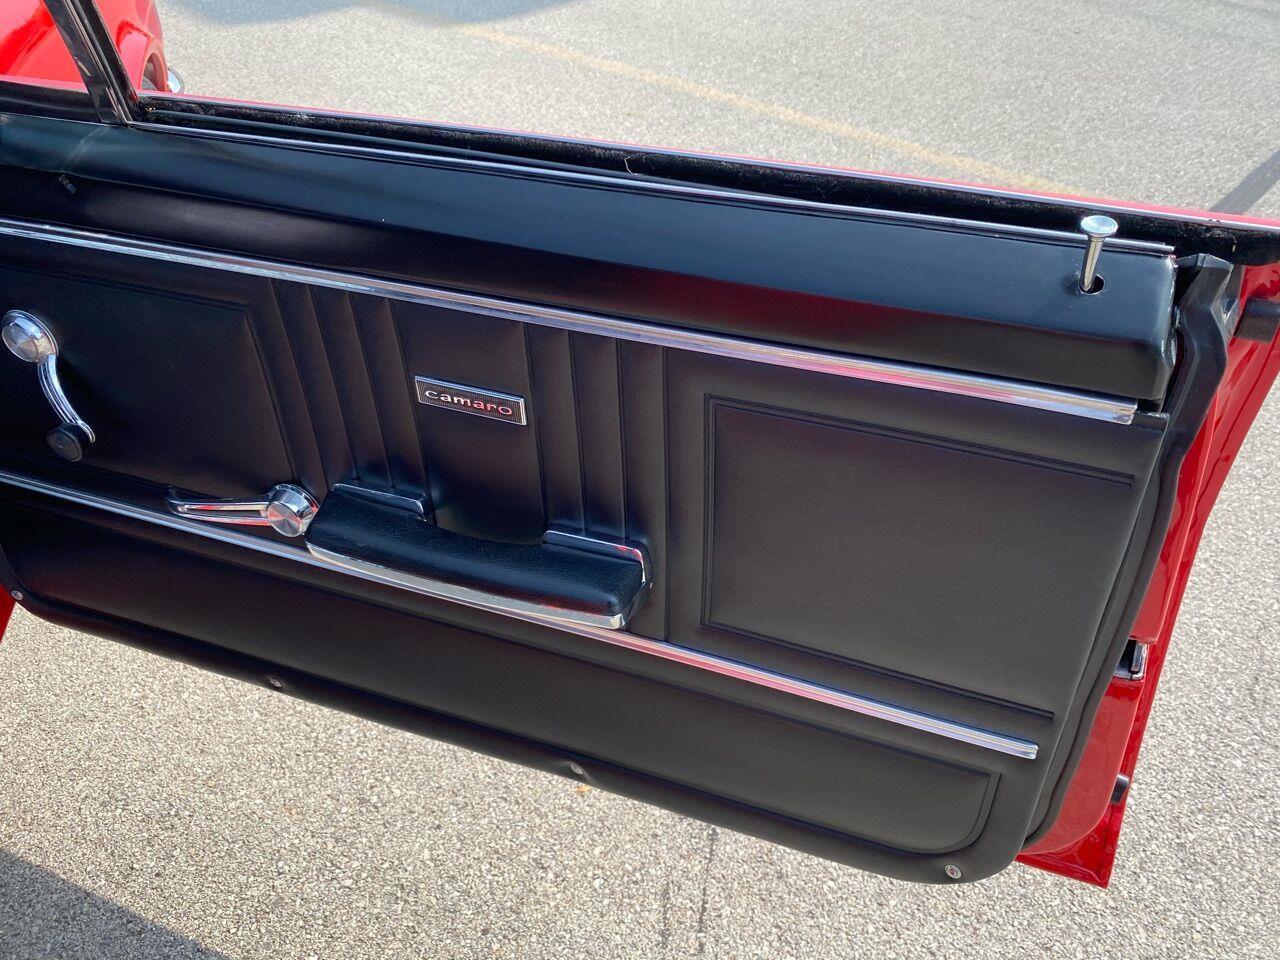 1967 Chevrolet Camaro (CC-1388279) for sale in Addison, Illinois